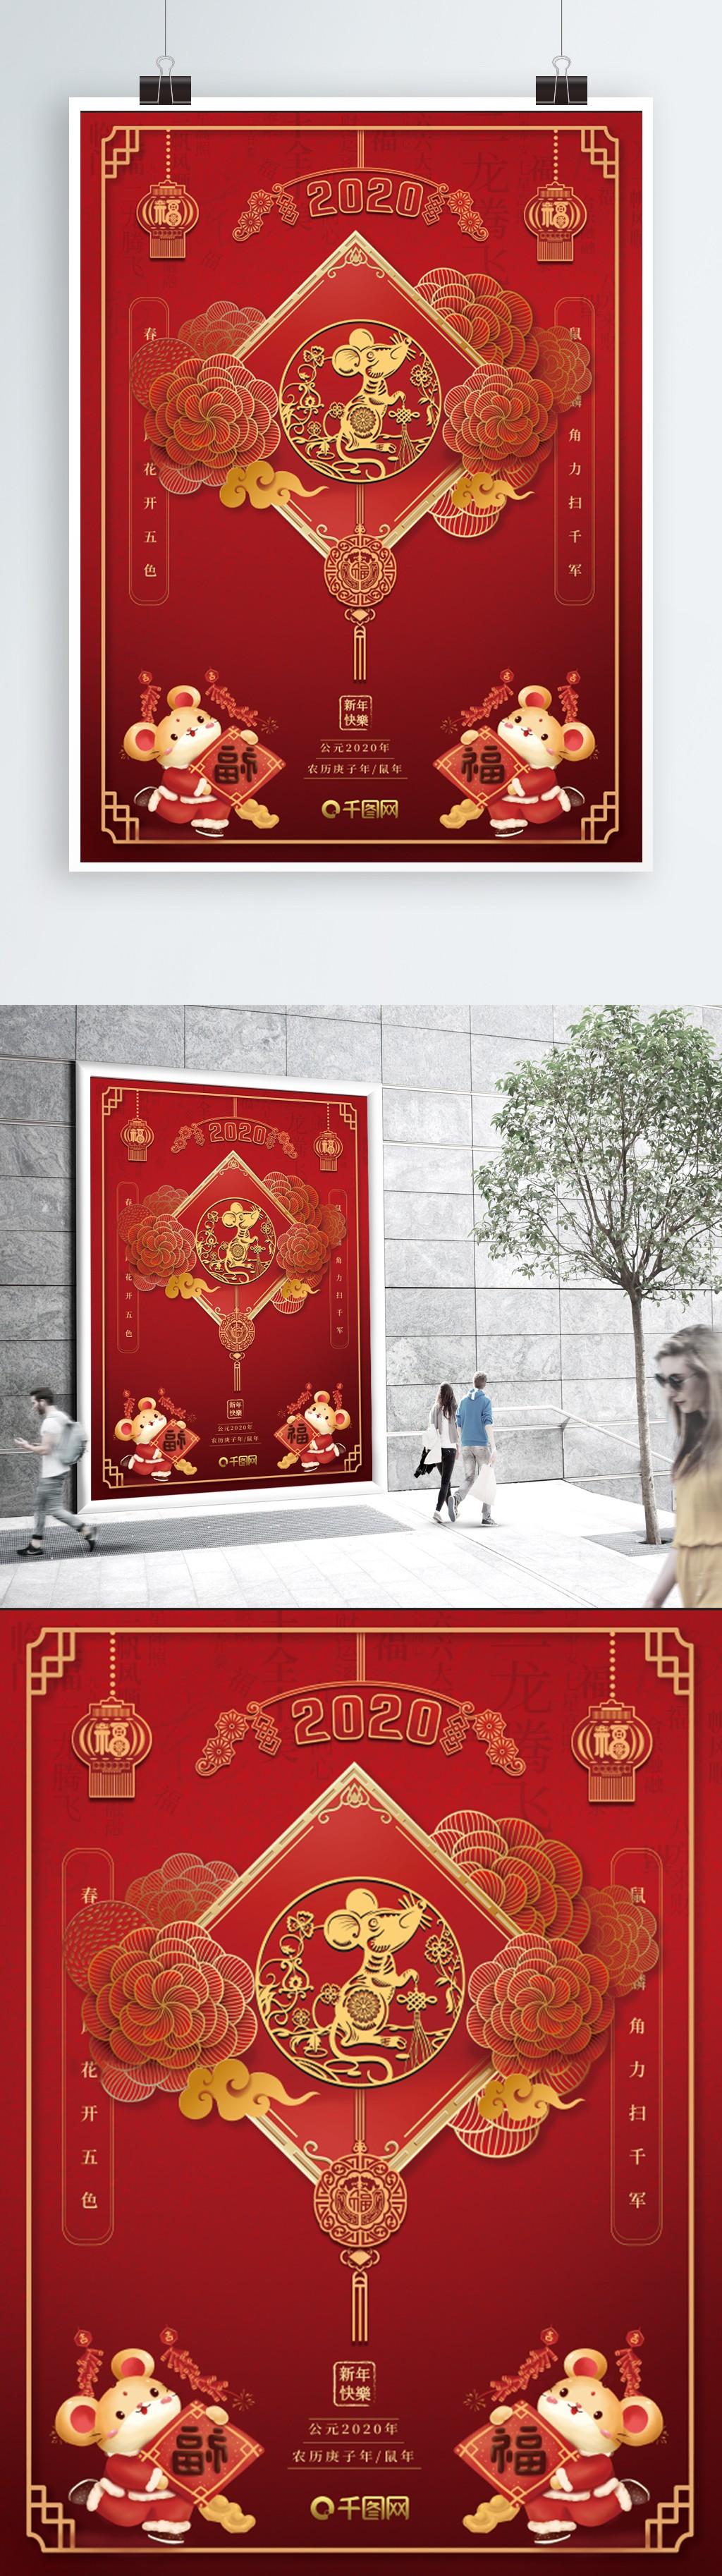 创意红色喜庆2020鼠年新年海报春节新春新年过年